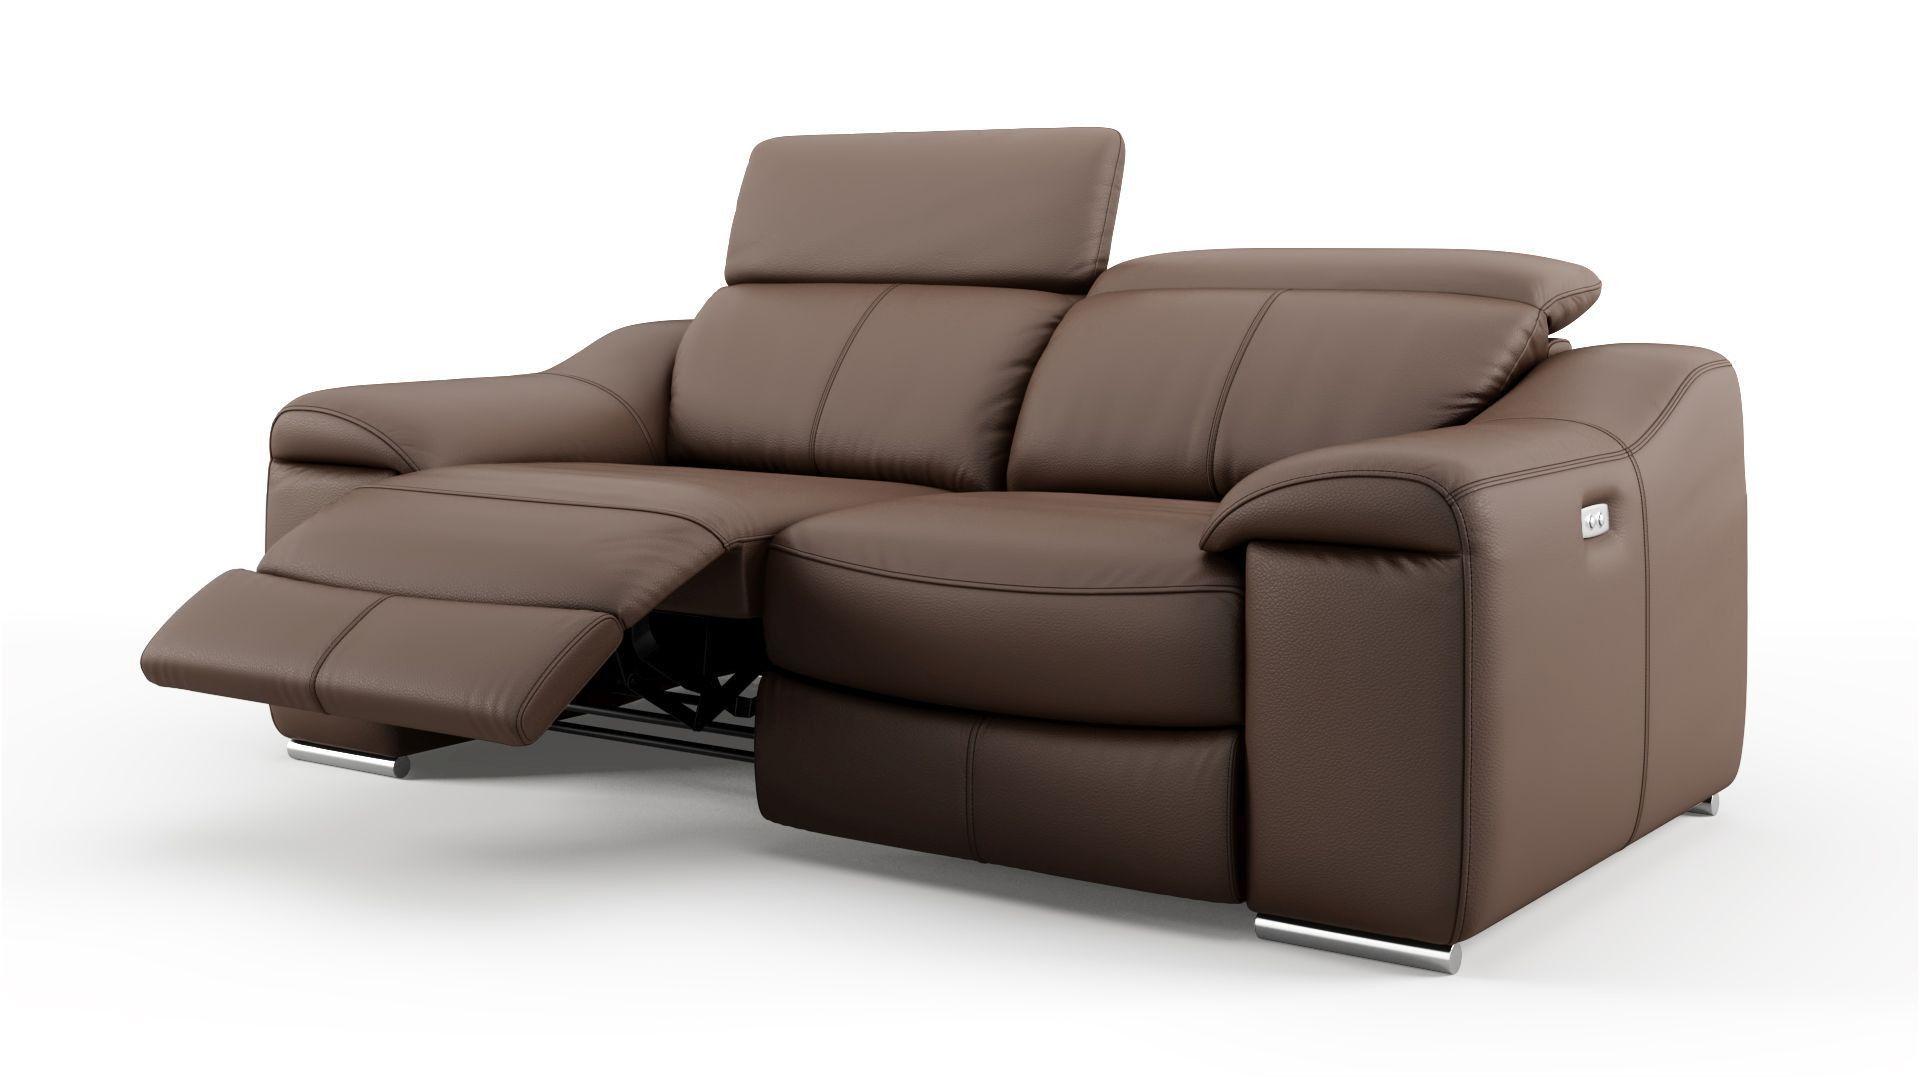 Zufriedenstellend Sofa Halbrund Geschwungen Recliner Chair Lounge Chair Home